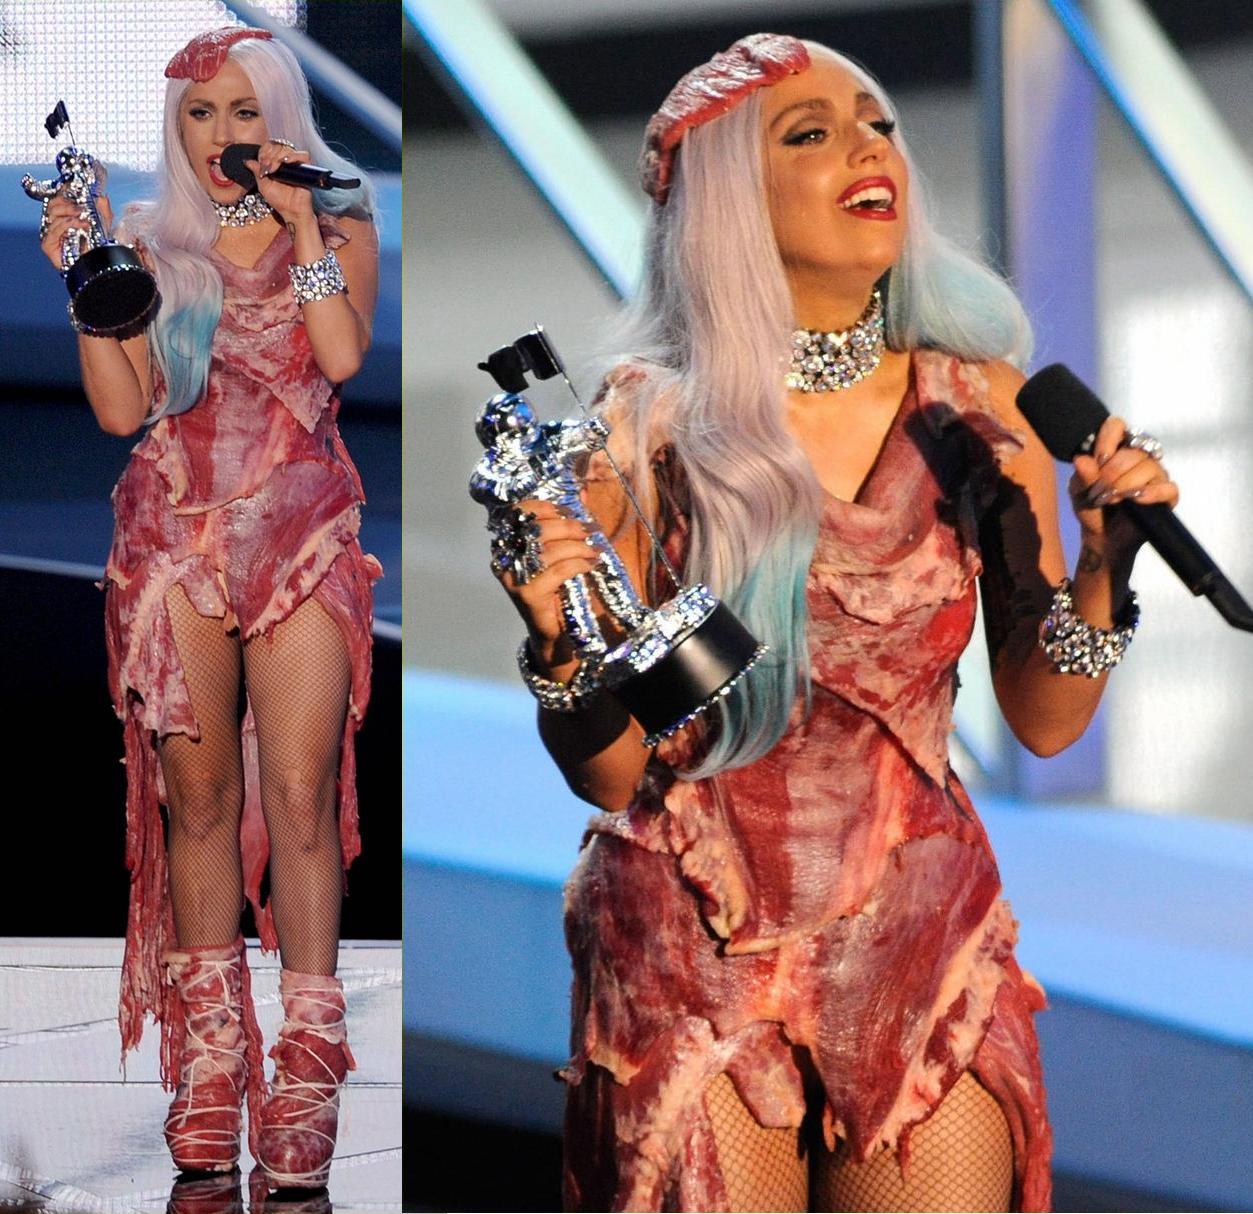 http://2.bp.blogspot.com/_Cpdr5aOrKk4/TI3_hlVEiKI/AAAAAAAADWk/PG59kTCLymY/s1600/lady+gaga+meat+dress.jpg